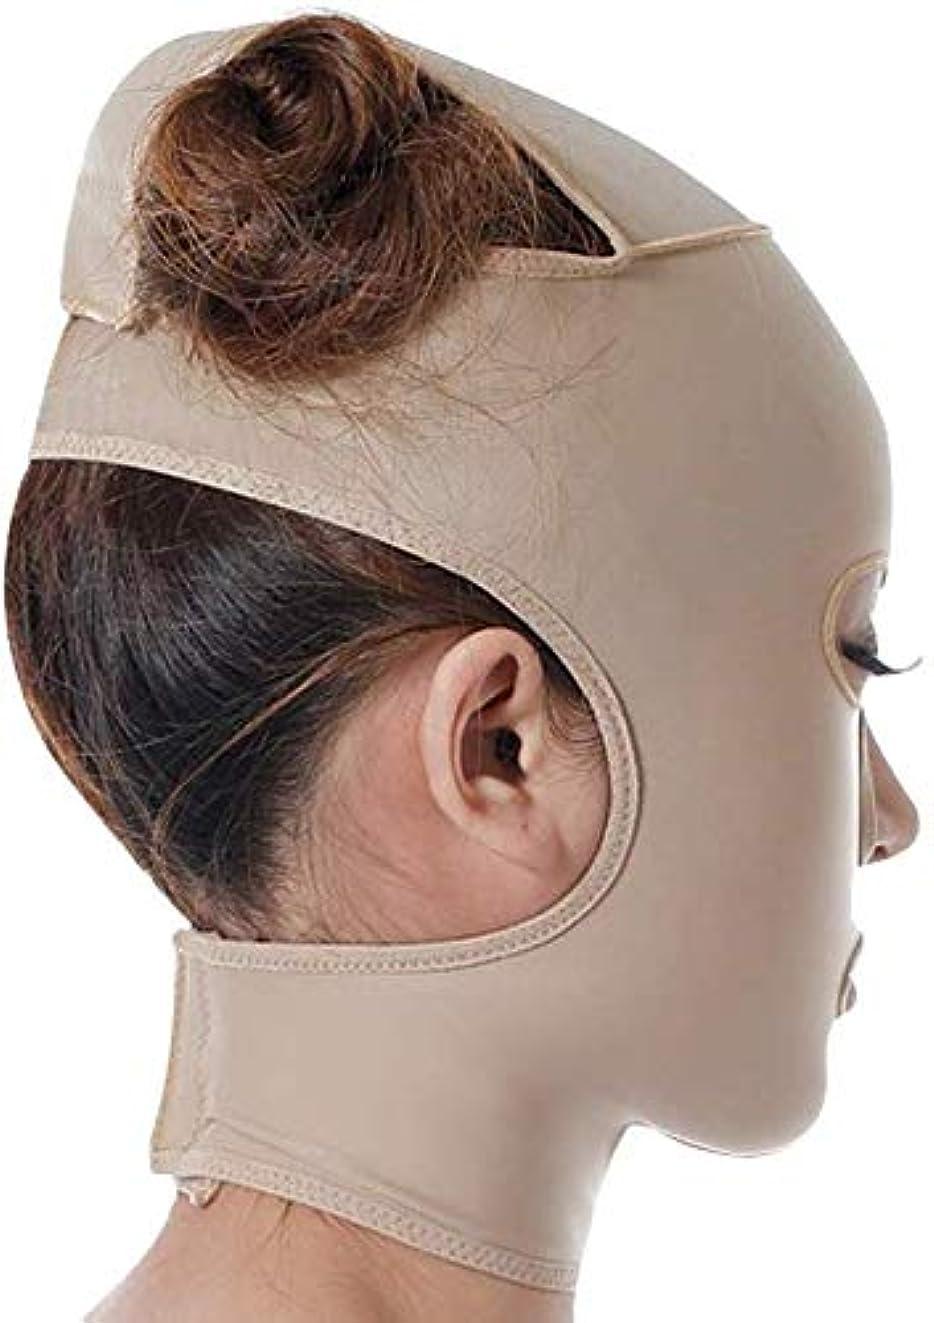 退屈させる売る最適美容と実用的な引き締めフェイスマスク、フェイシャルマスク美容薬フェイスマスク美容V顔包帯ライン彫刻リフティング引き締め引き締めダブルチンマスク(サイズ:S)